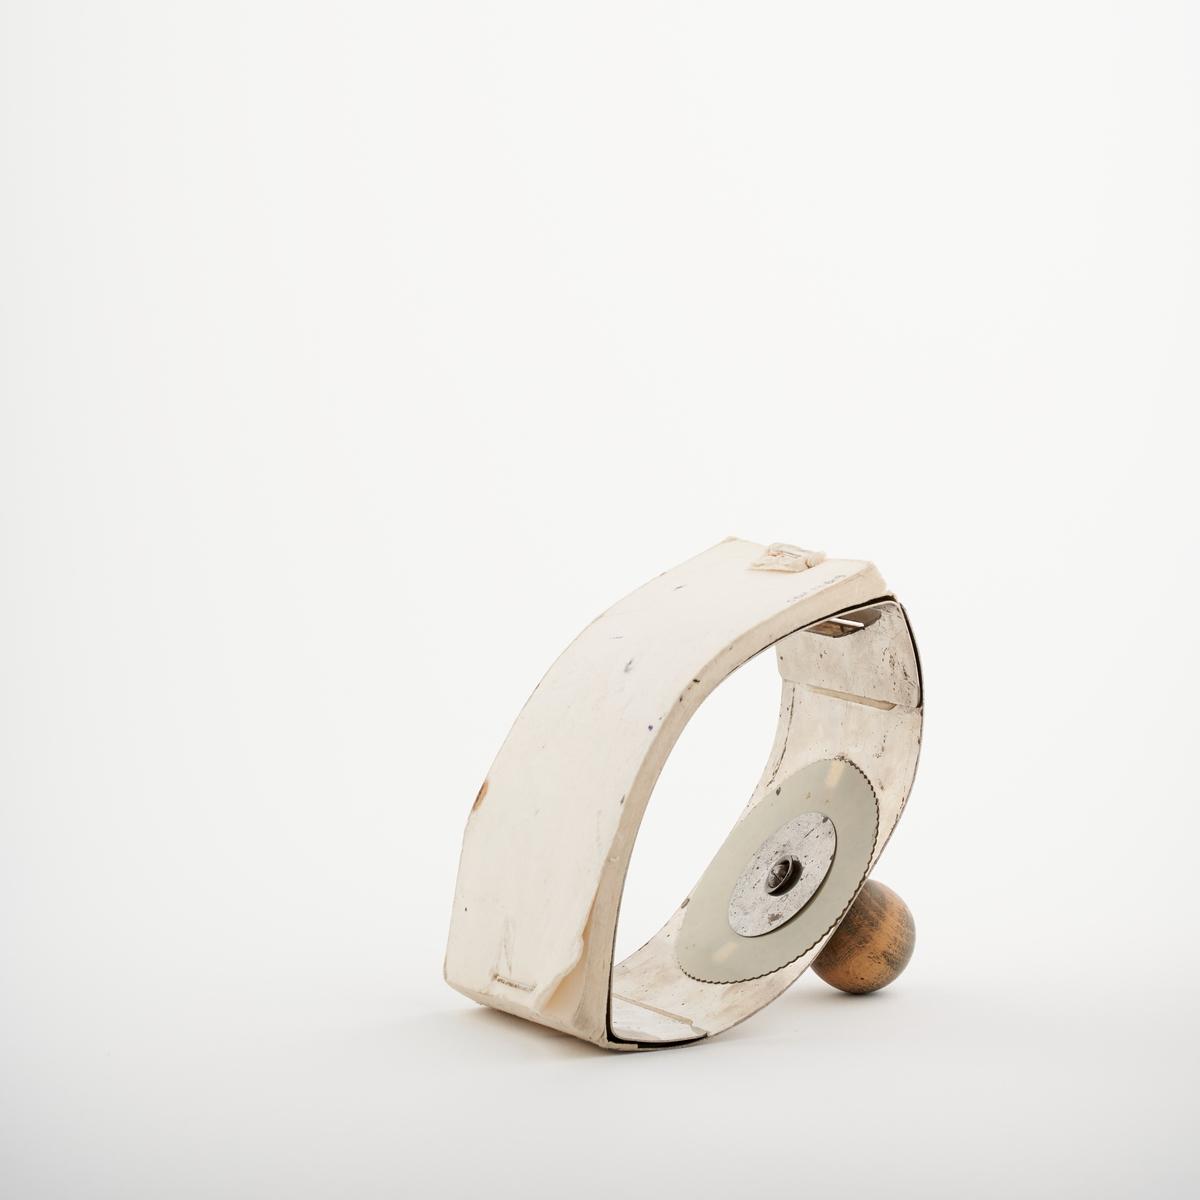 Trekkpapirholder med håndtak. Trekkpapir festes til bunnen av holderen og brukes for å suge opp og tørke blekk når en skriver.   NAV-samlingen er en gruppe av gjenstander som har vært anvendt på sosialkontoret (Aetat - NAV) i Skedsmo kommune.